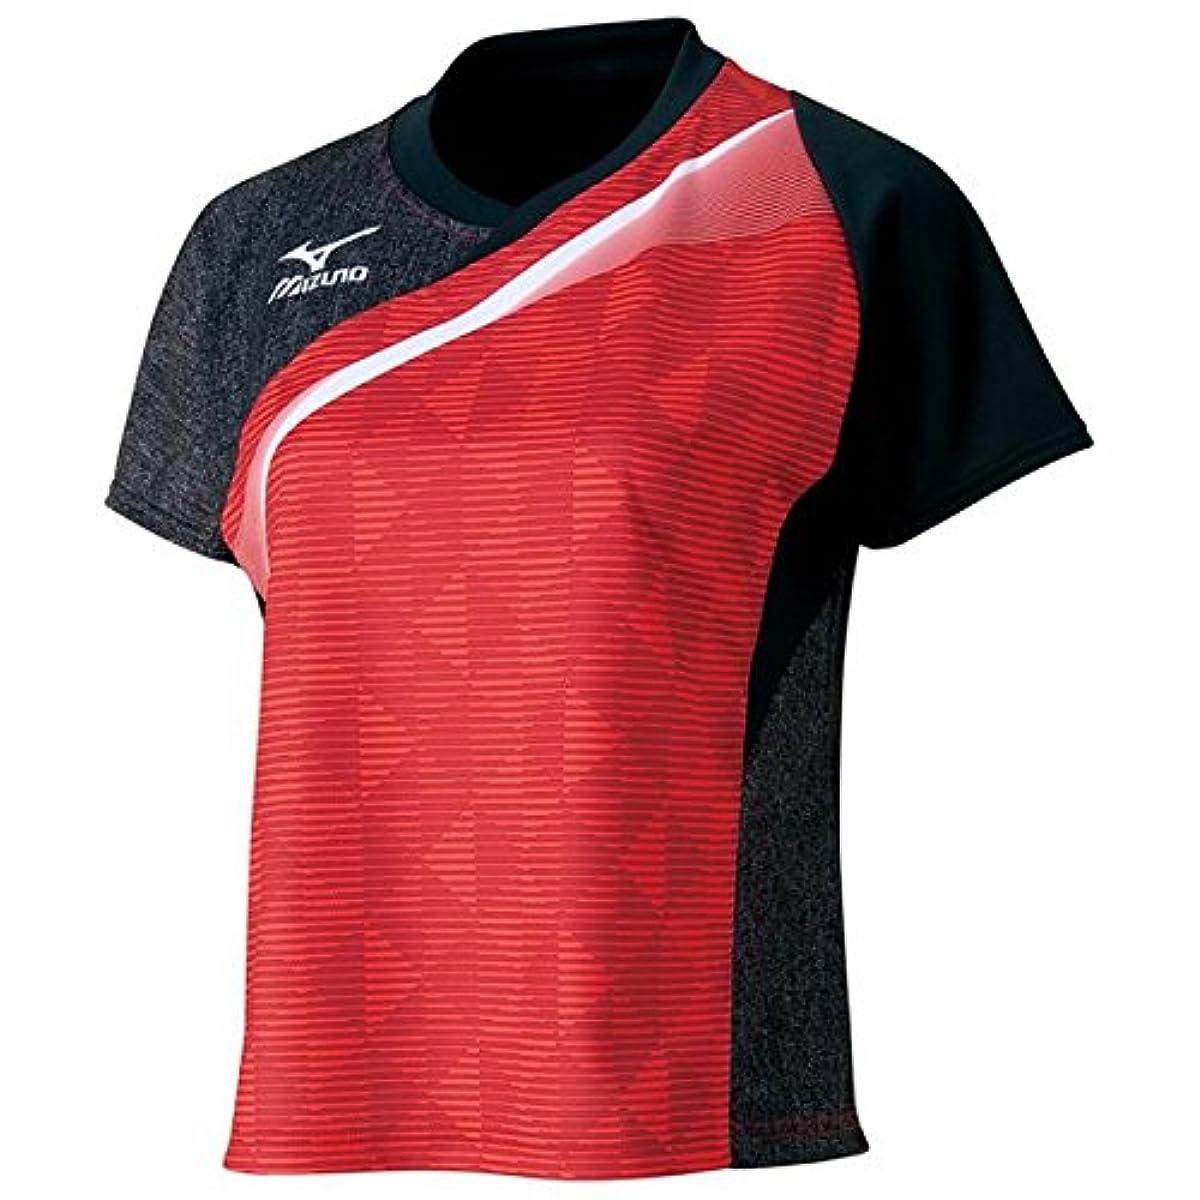 [해외] 미즈노(MIZUNO) 탁구 women's 게임 셔츠 (WOMENS) 82JA6701